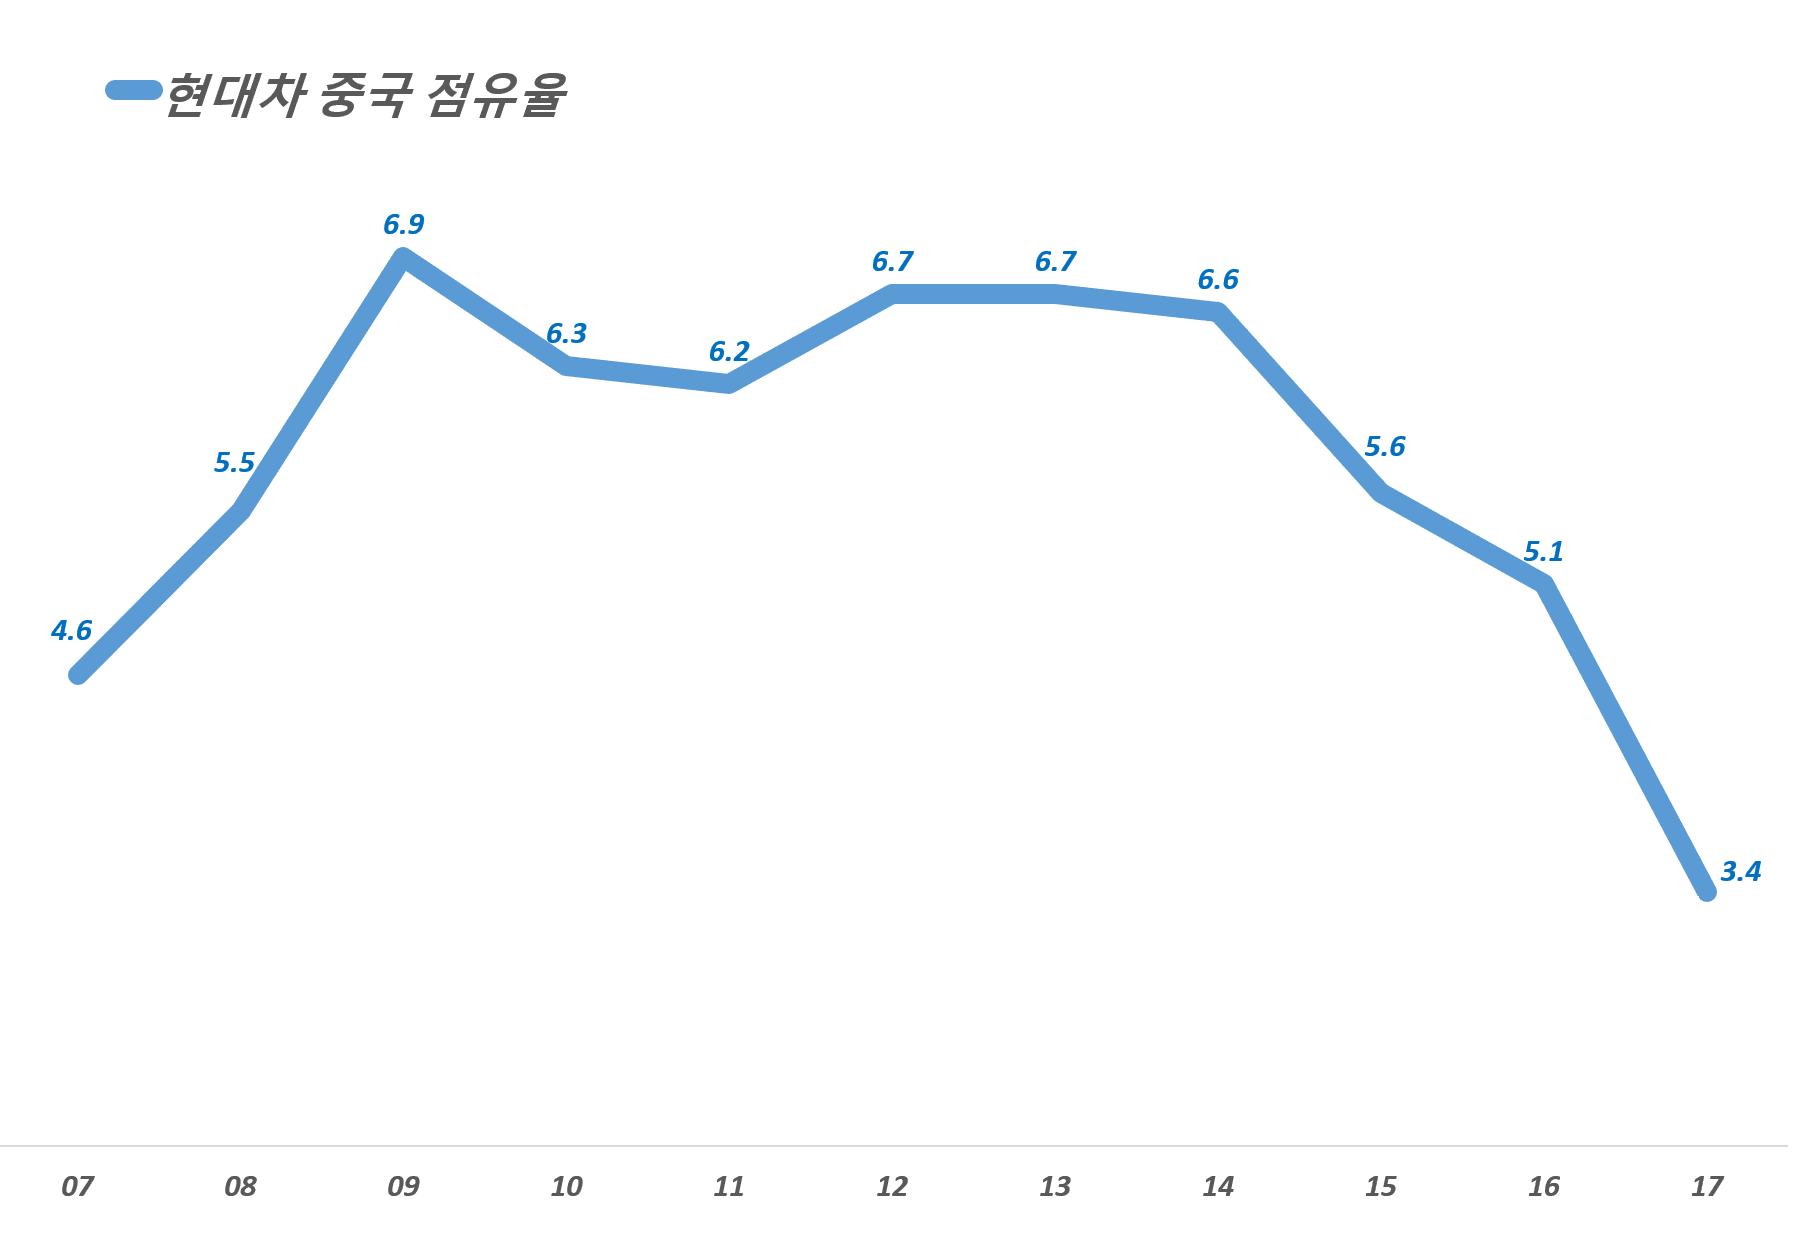 현대자동차 중국 시장내 점유율 추이, Graph by Happist